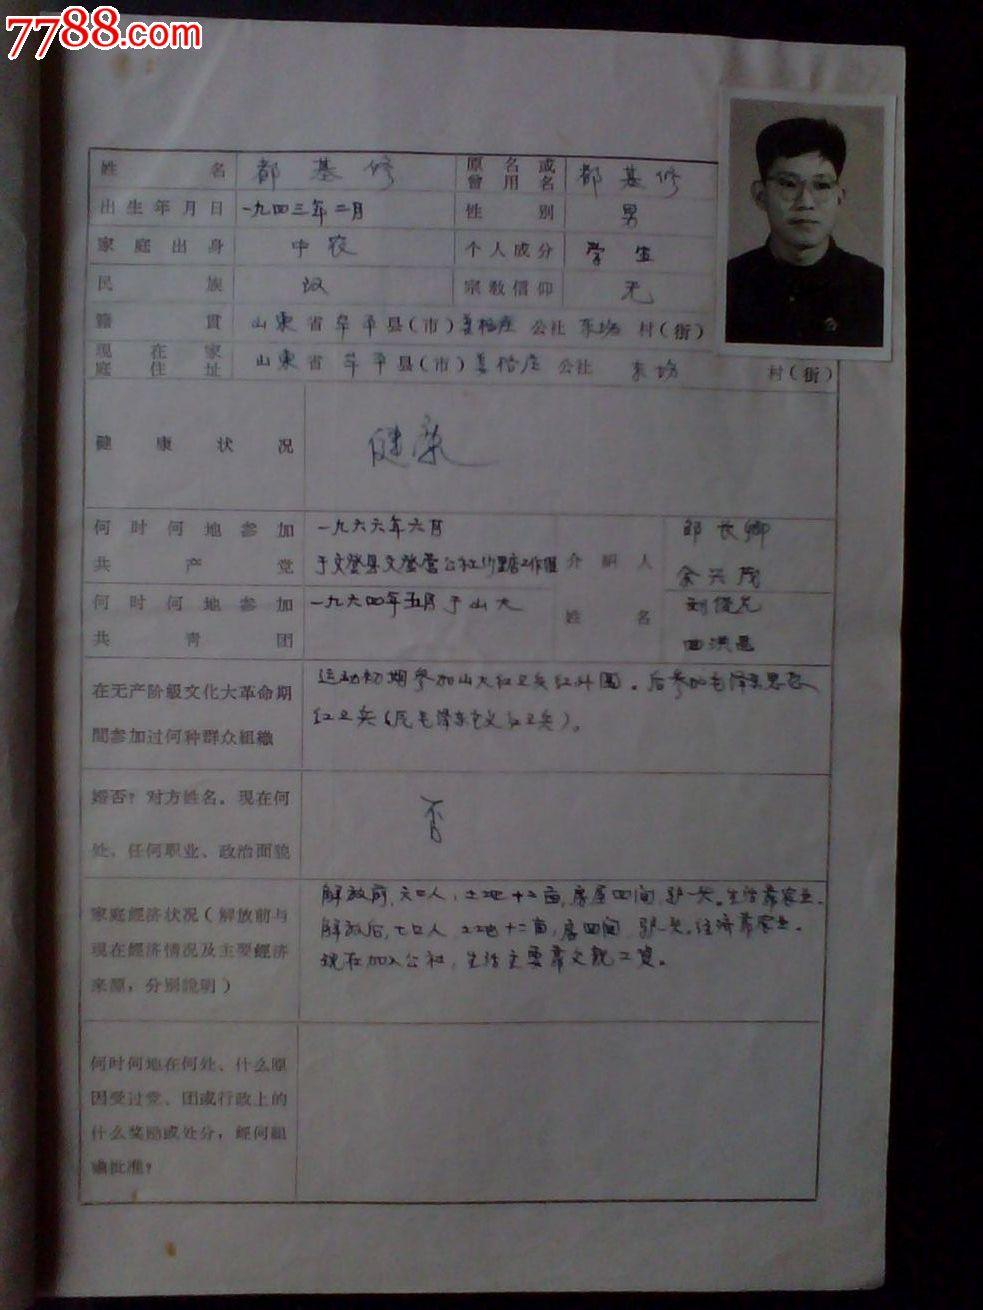 浙江省普通高中毕业生登记表高中学历,本人面貌填政治闵行区上海市图片